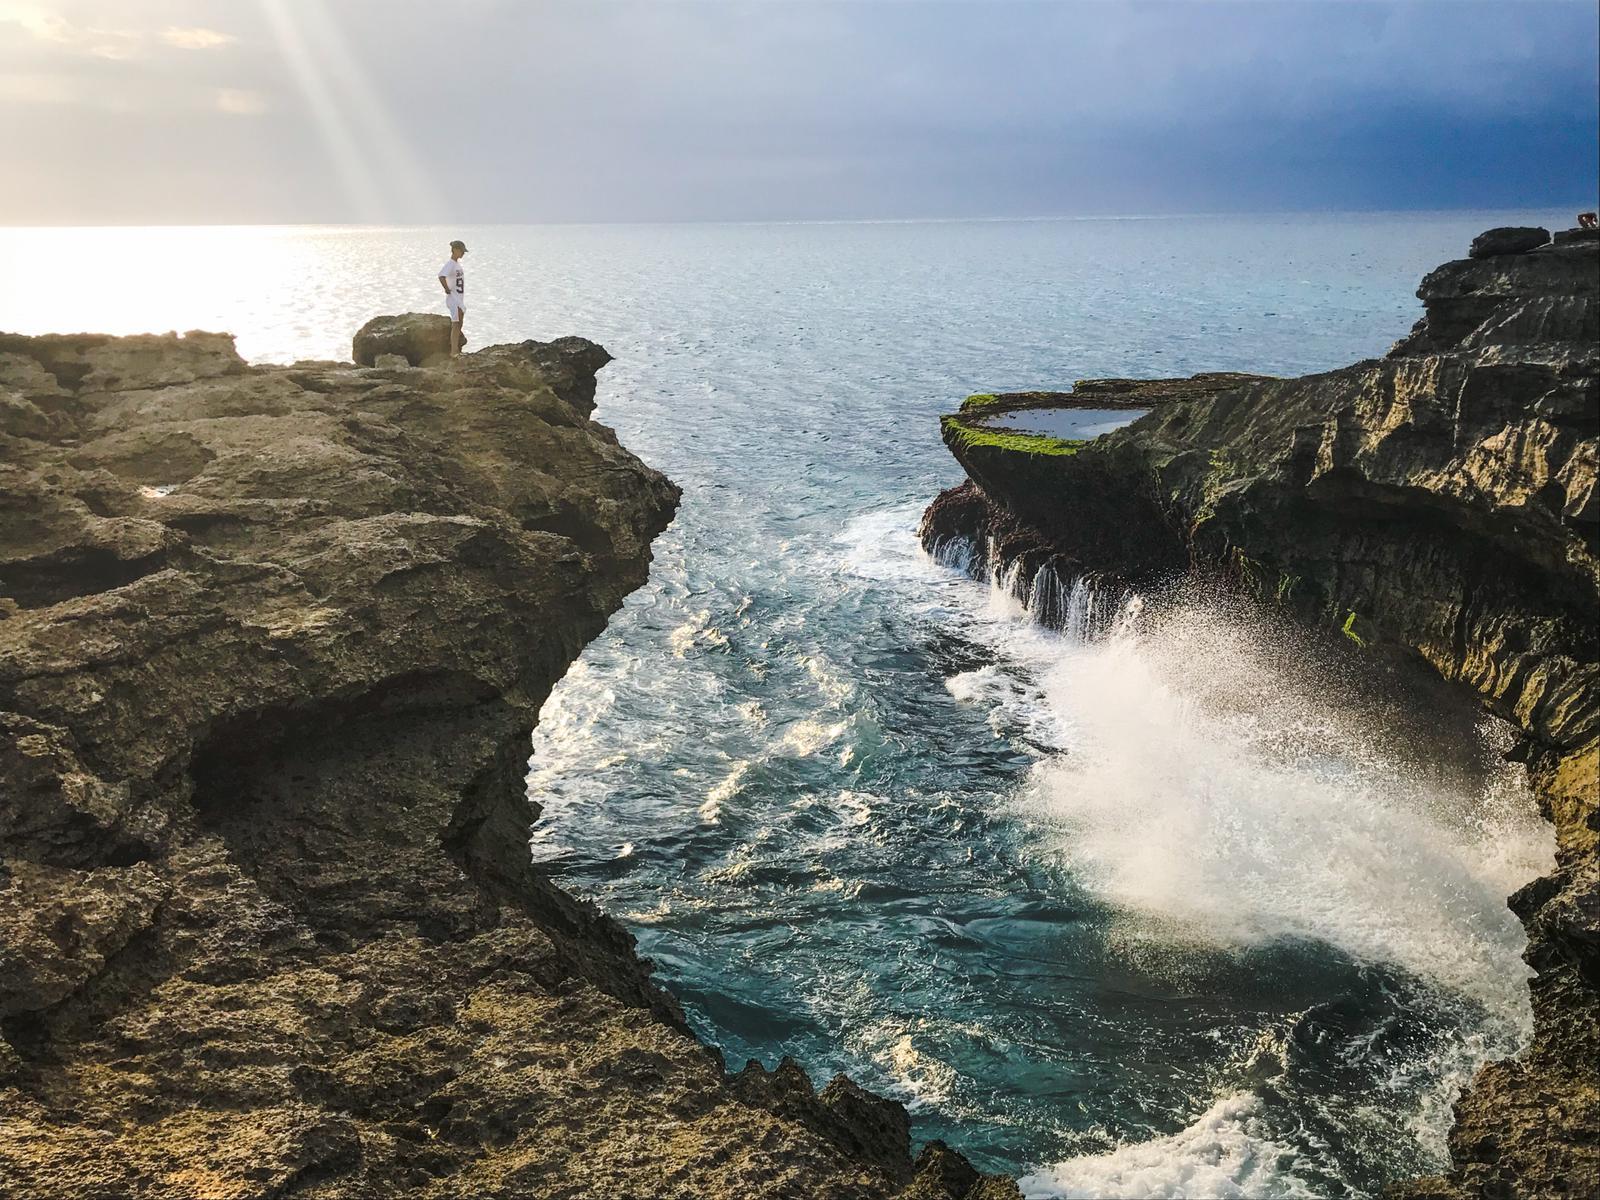 IMG 0623 - Bali i Nusa Lembongan